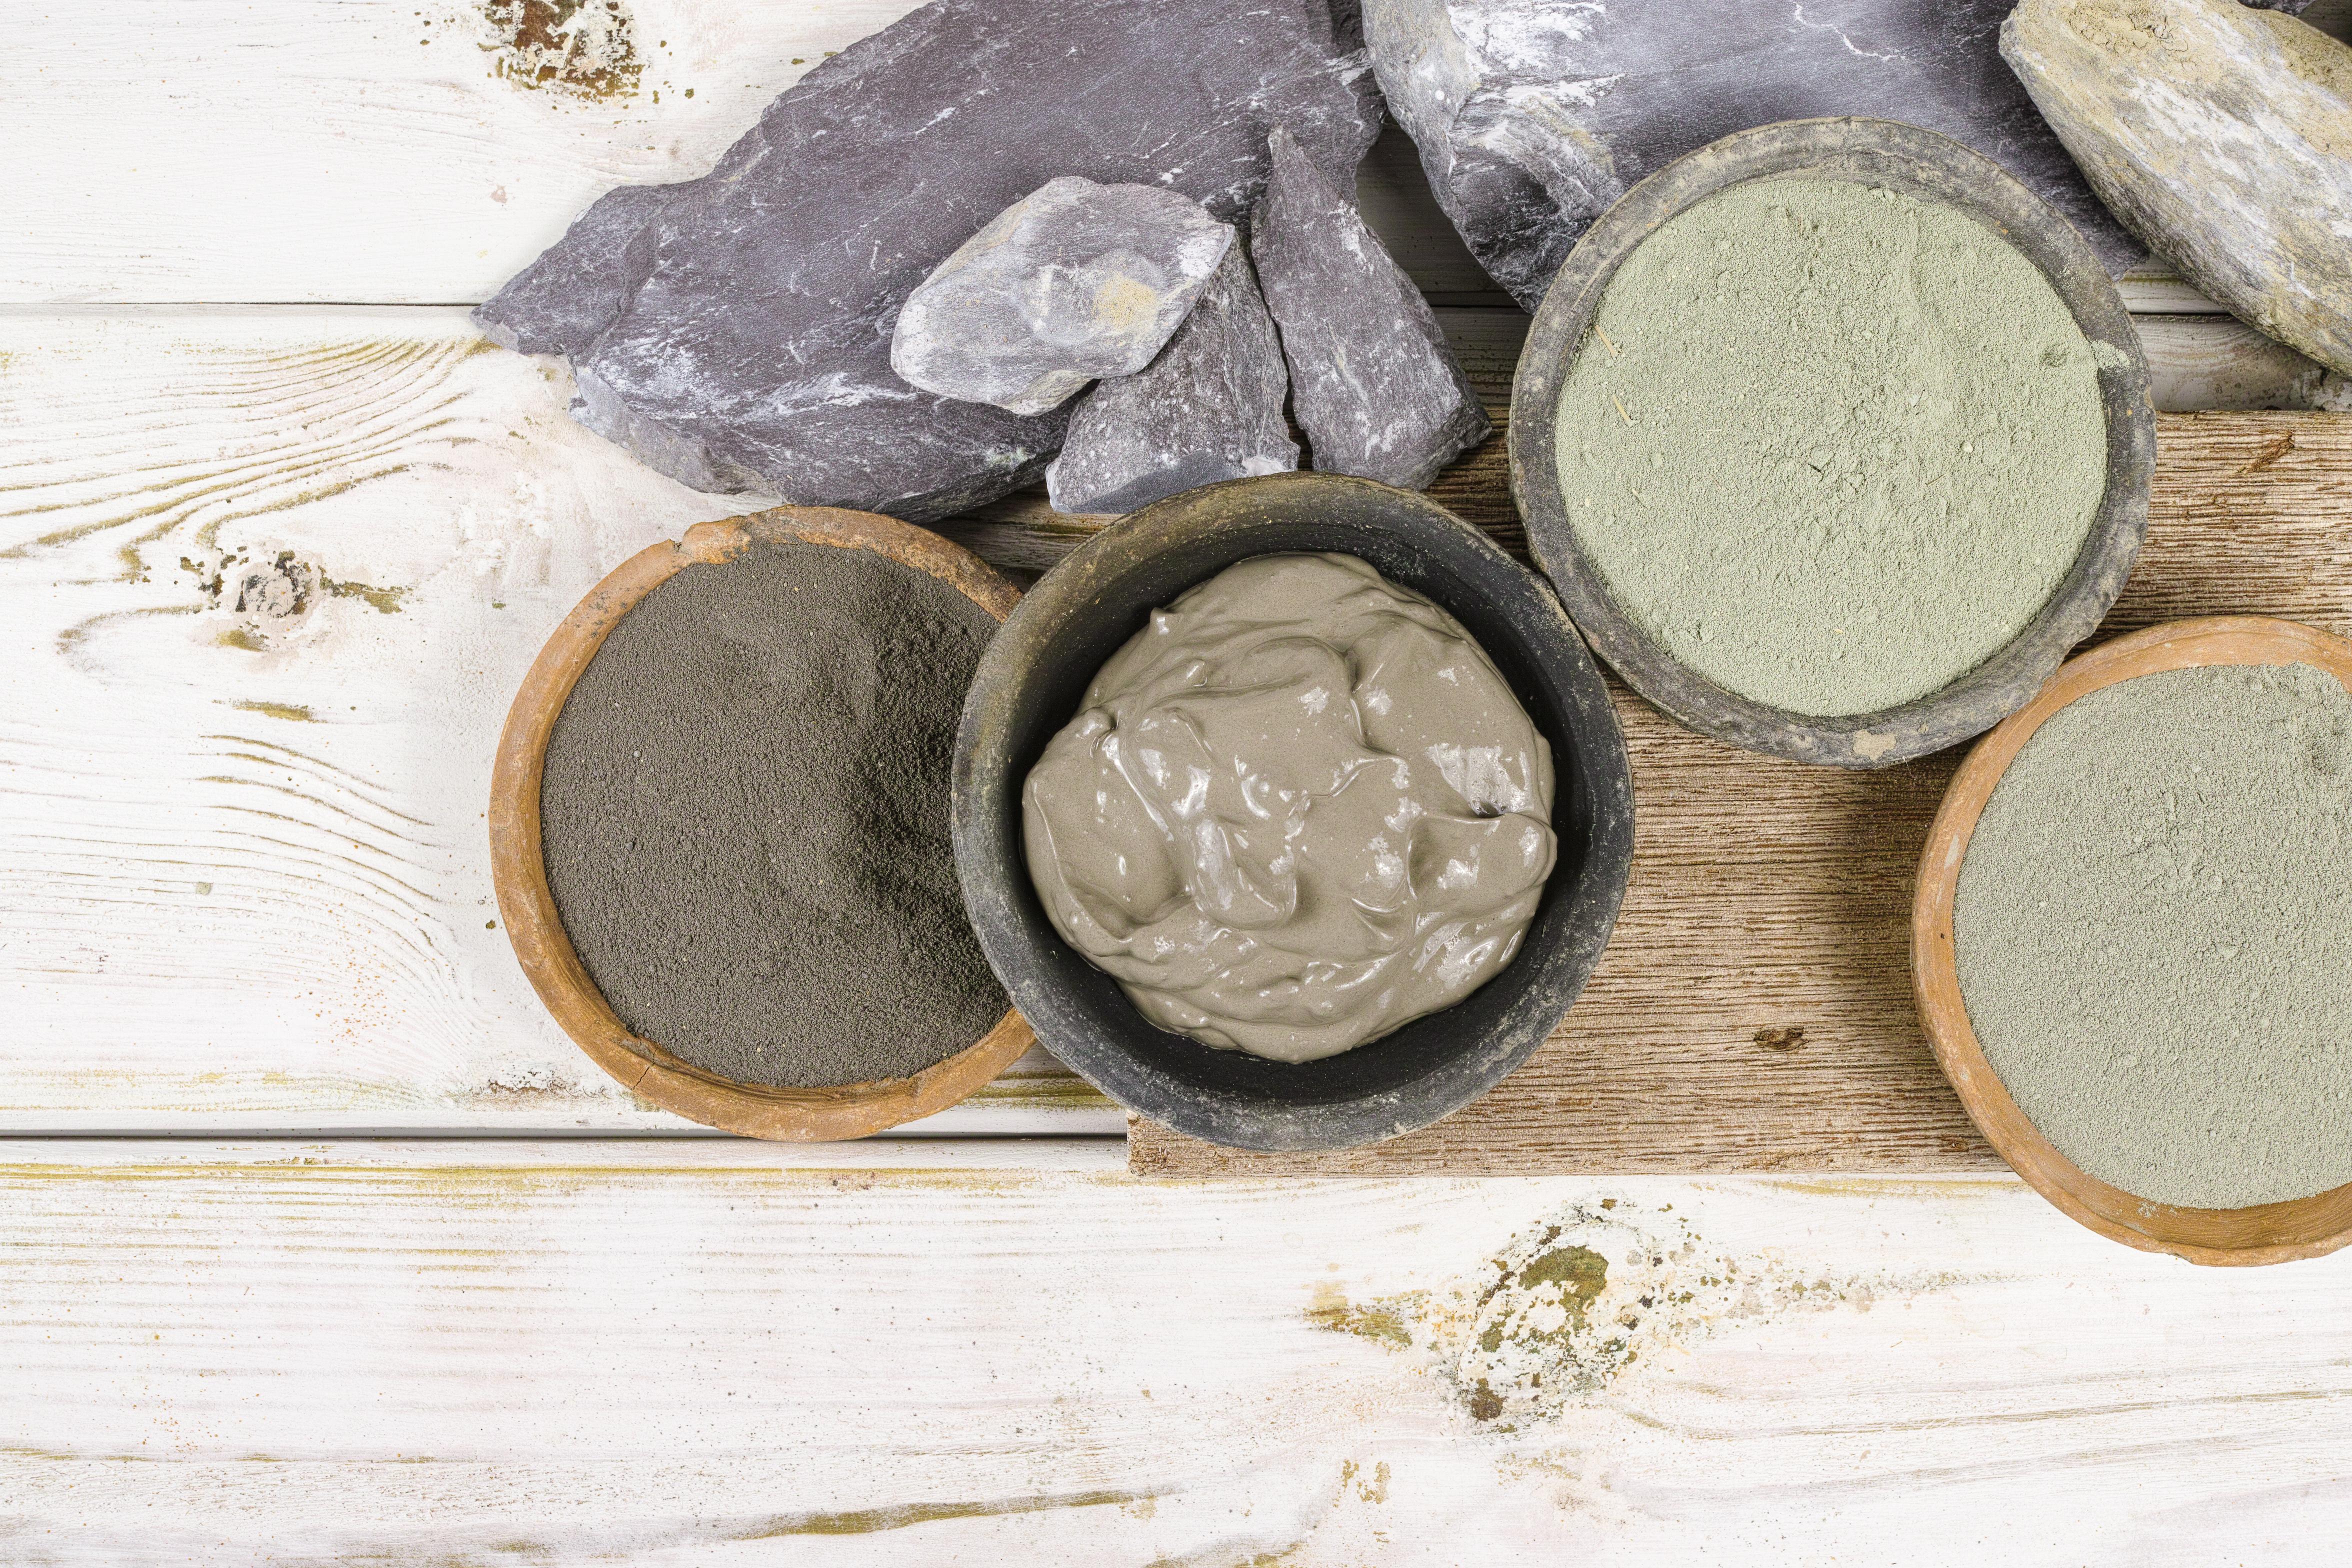 Як використовувати глину для процедур краси на дому